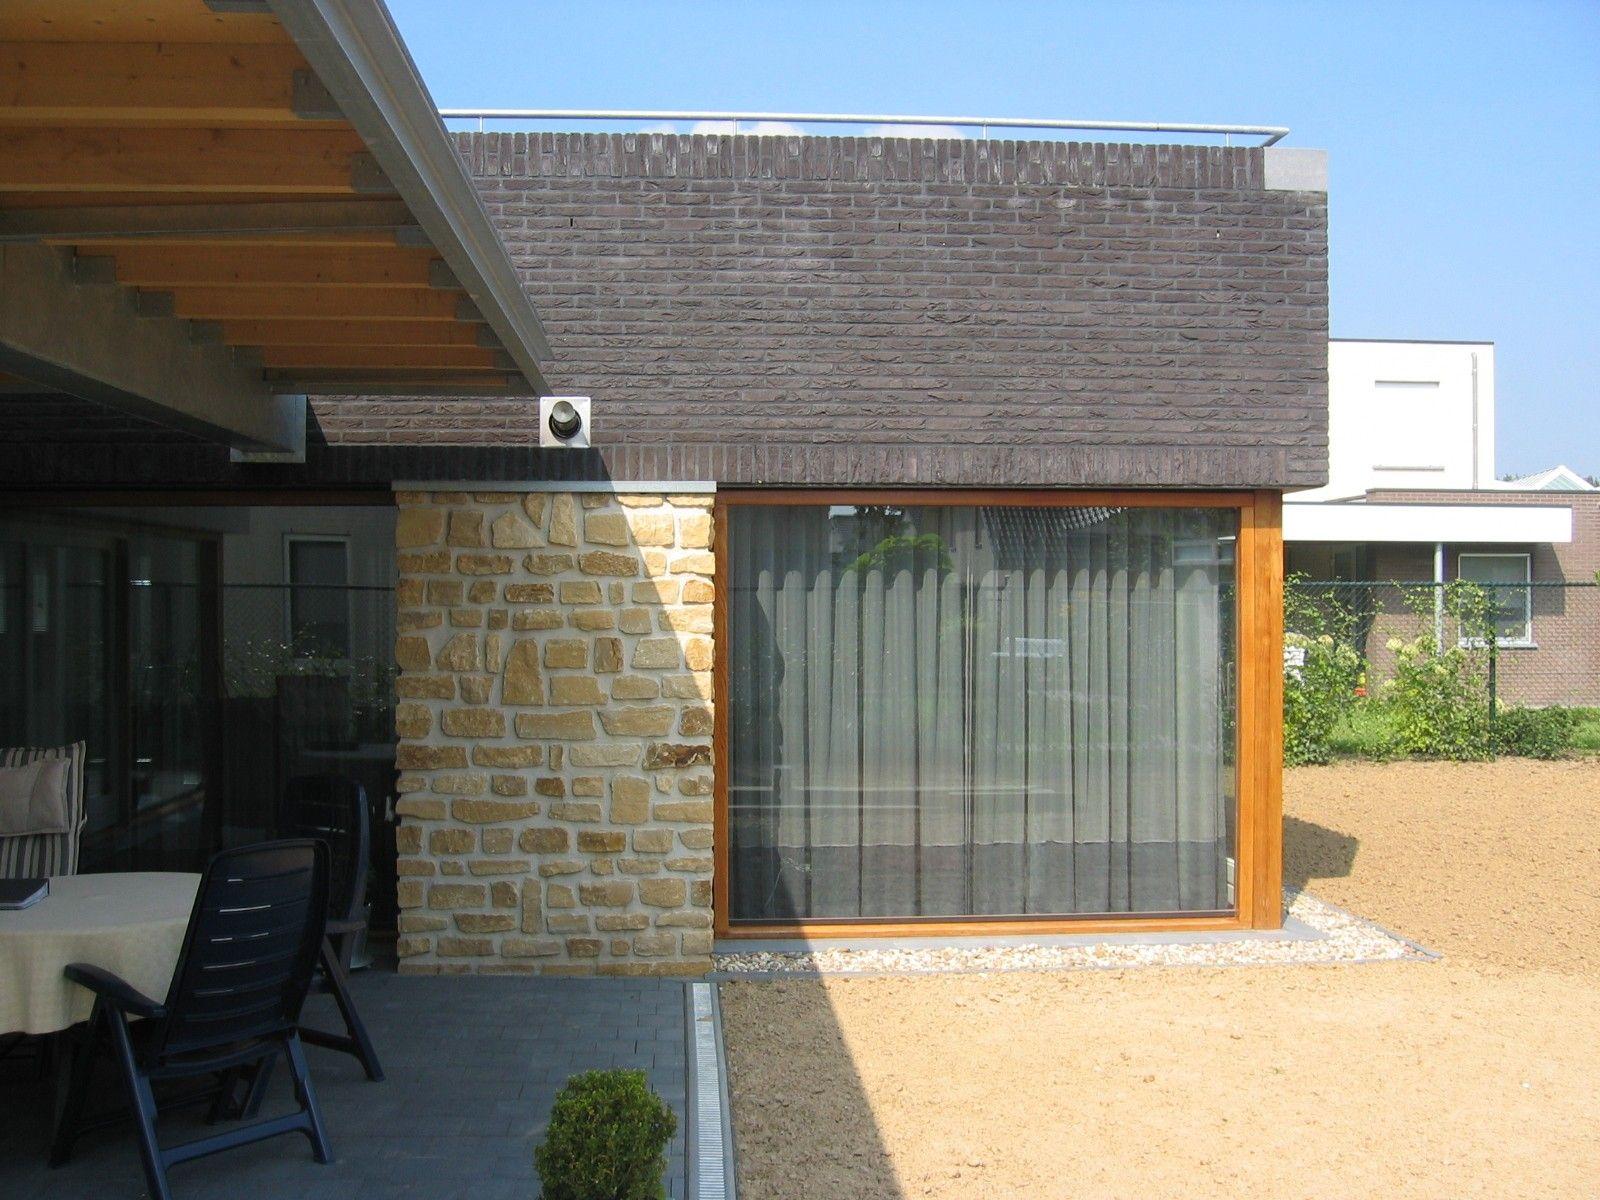 House: brick facade, wooden frames, steel construction, wooden beams. Woning: gemetselde gevel, houten kozijnen, stalen constructie, houten balken.